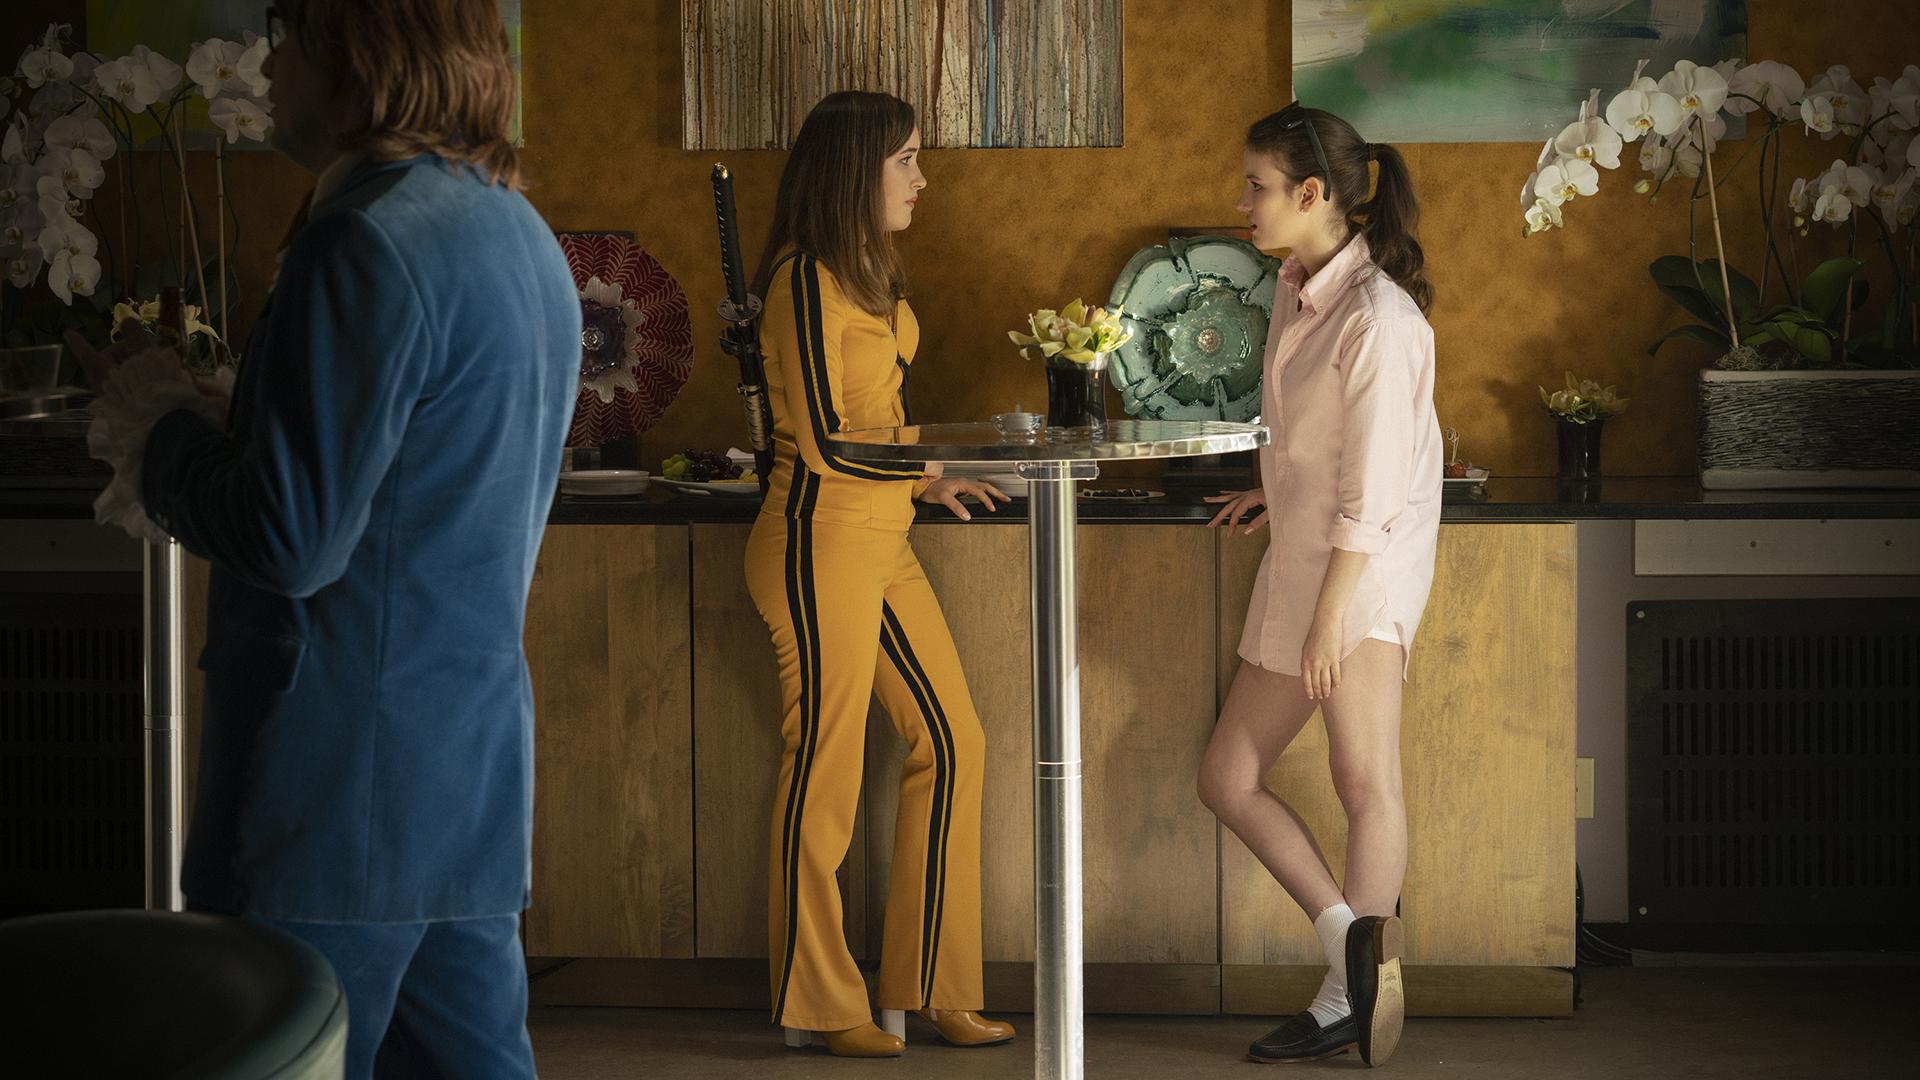 Julie Gardner (Gracie Lawrence) and Dannie Furlbee (Kirrilee Berger)